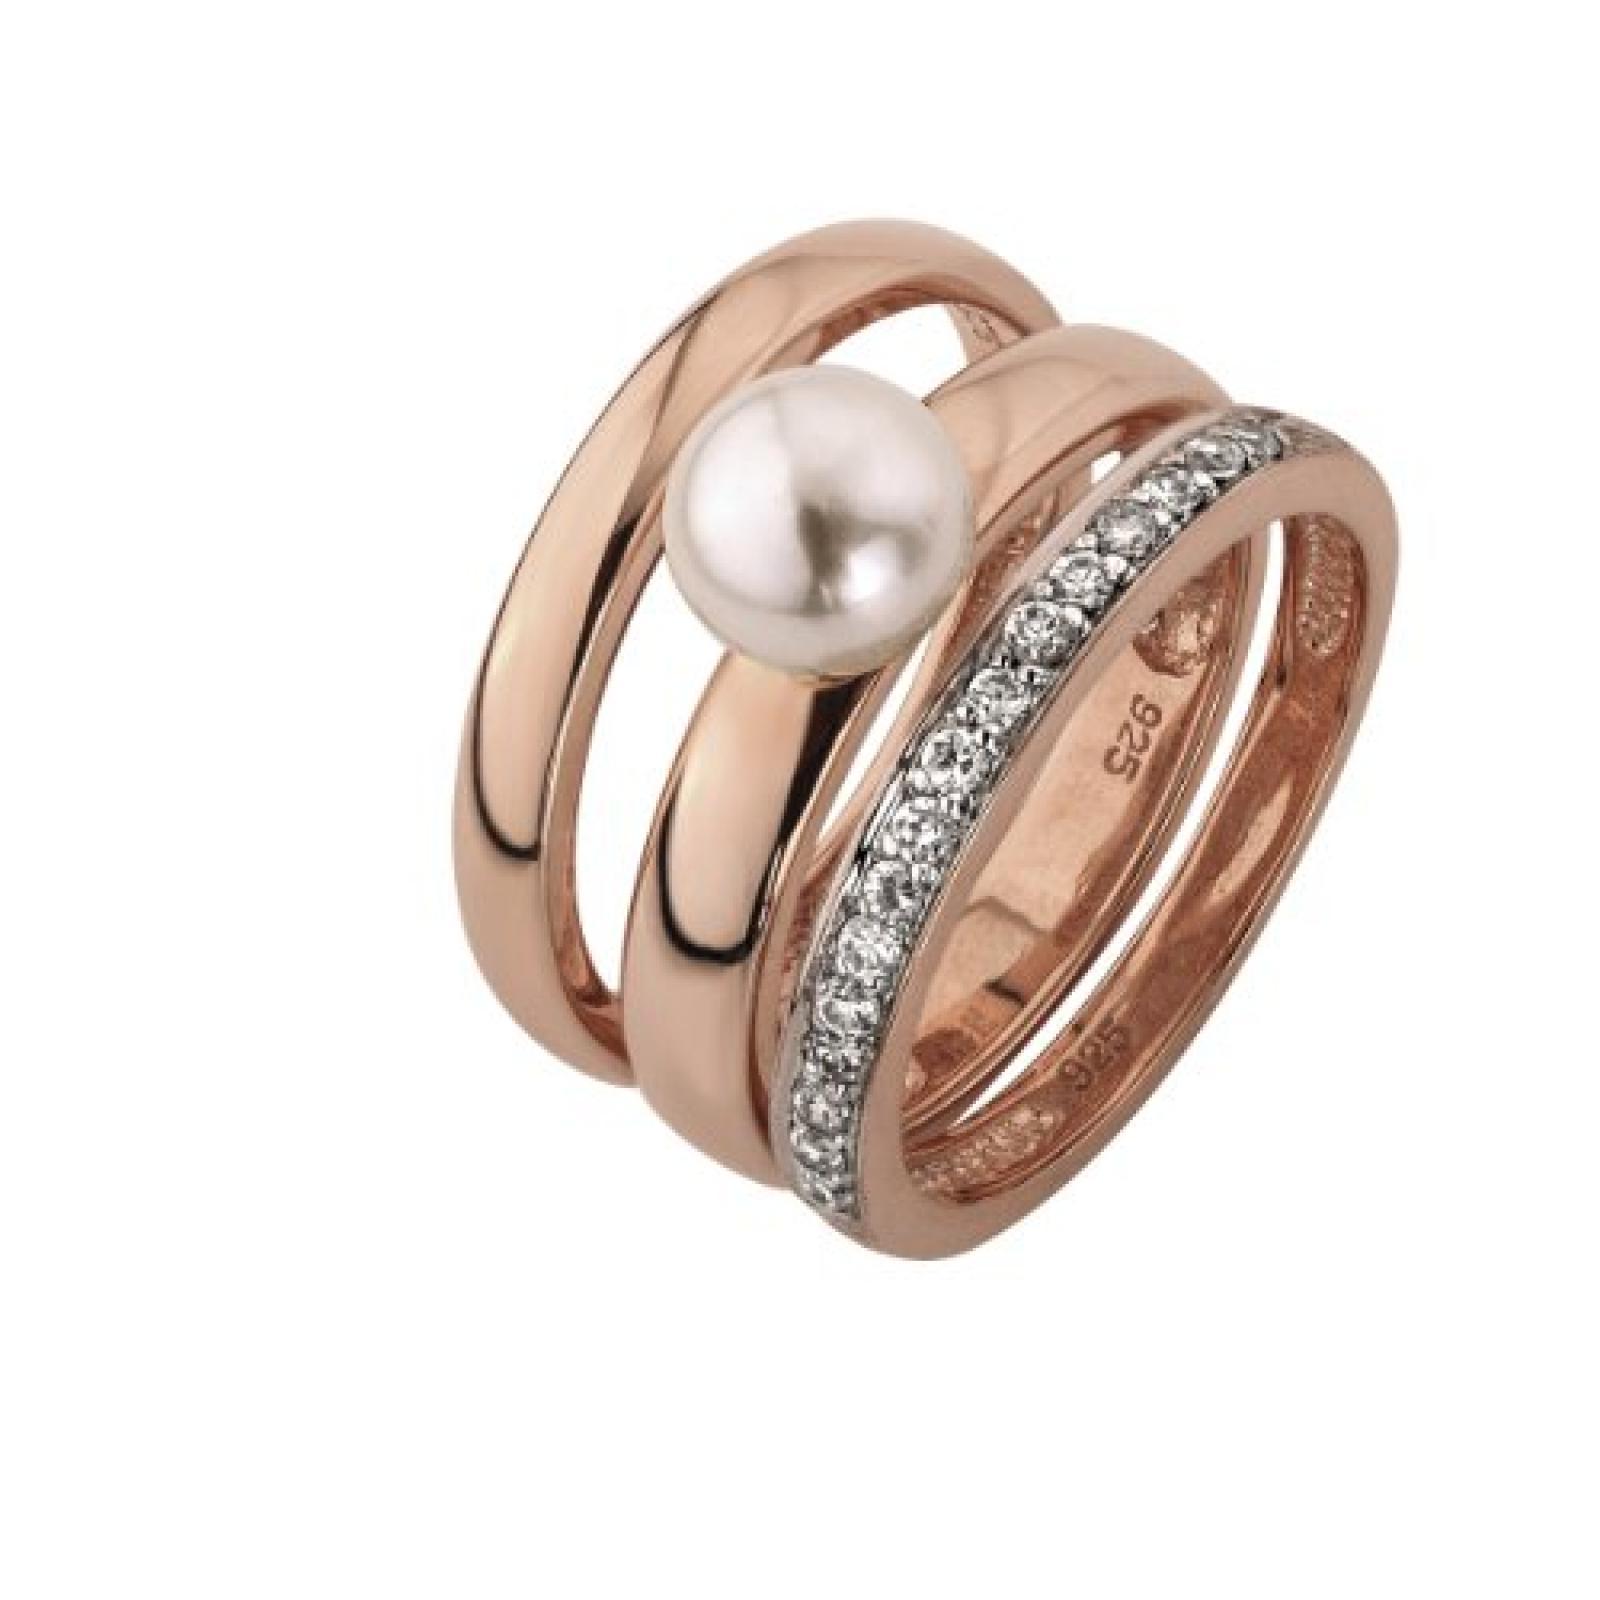 Celesta Damen-Ring 925 Sterling Silber teilrhodiniert Zirkonia Celesta Silver weiß 3-teilig Perle+Zirkonia weiß Gr. 50 (15.9) 360271180-2-016